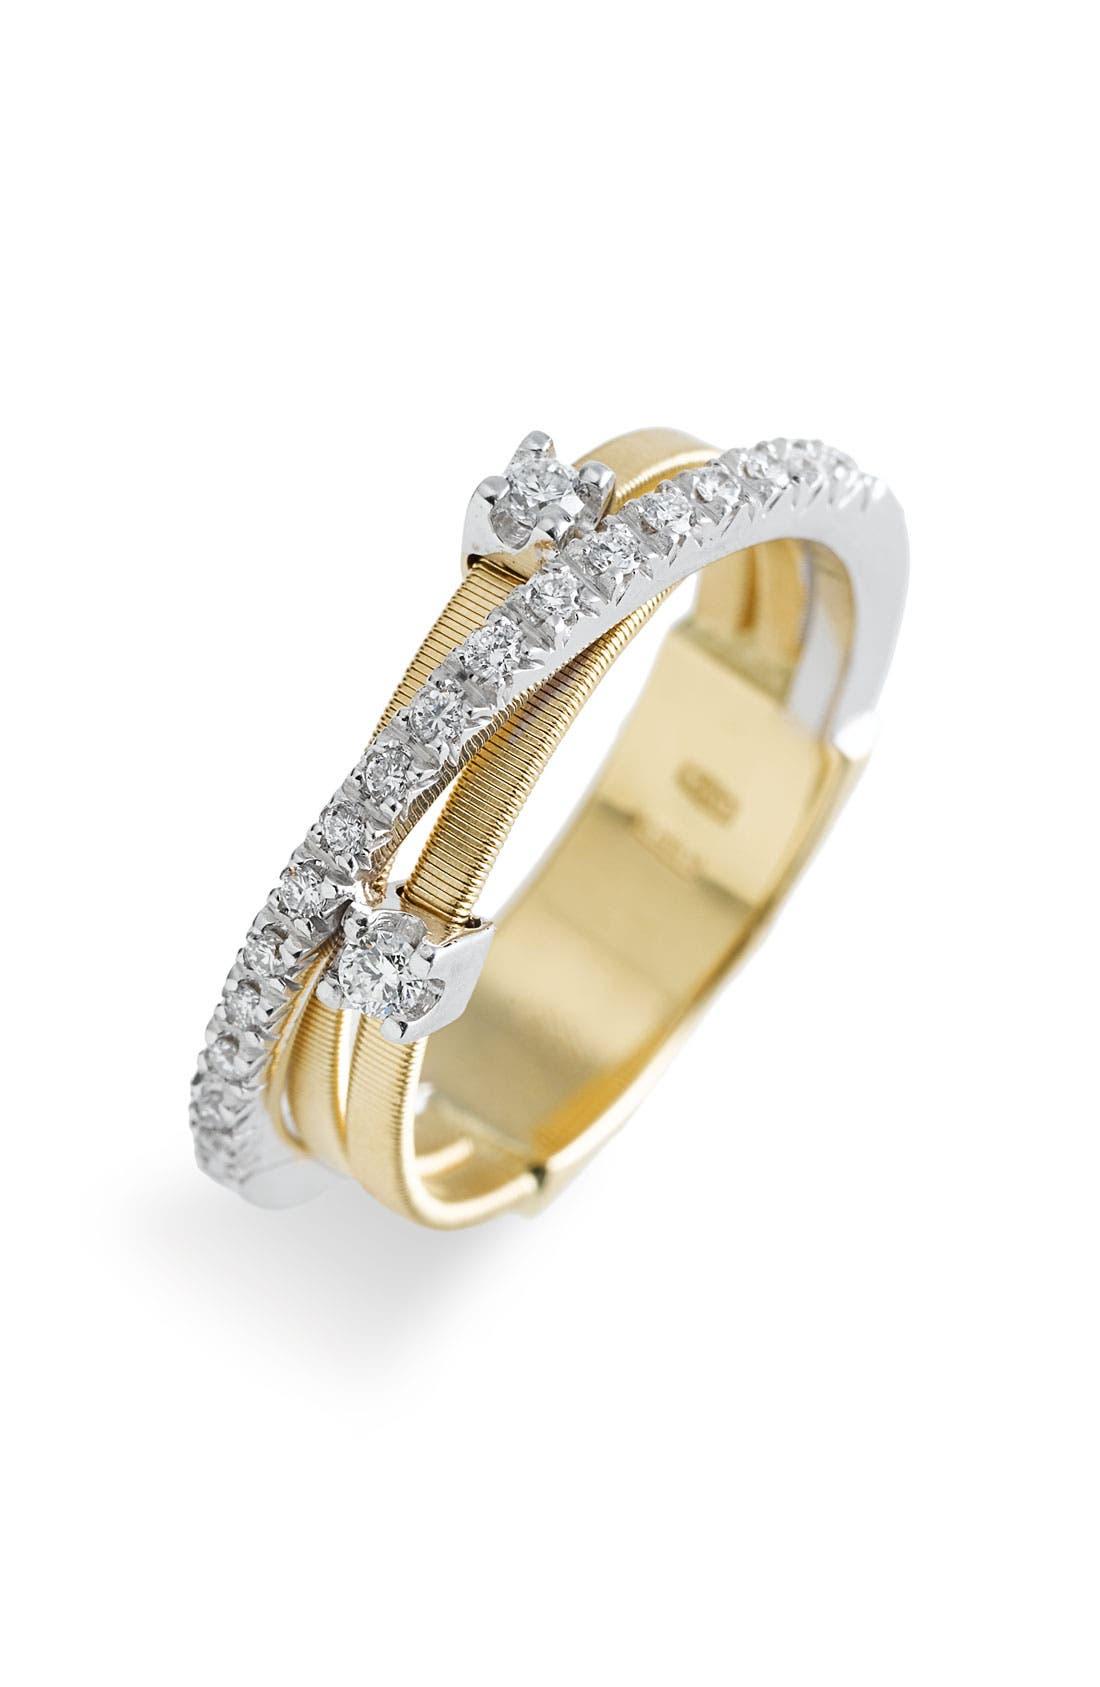 Main Image - Marco Bicego 'Goa' Diamond Two Tone Ring